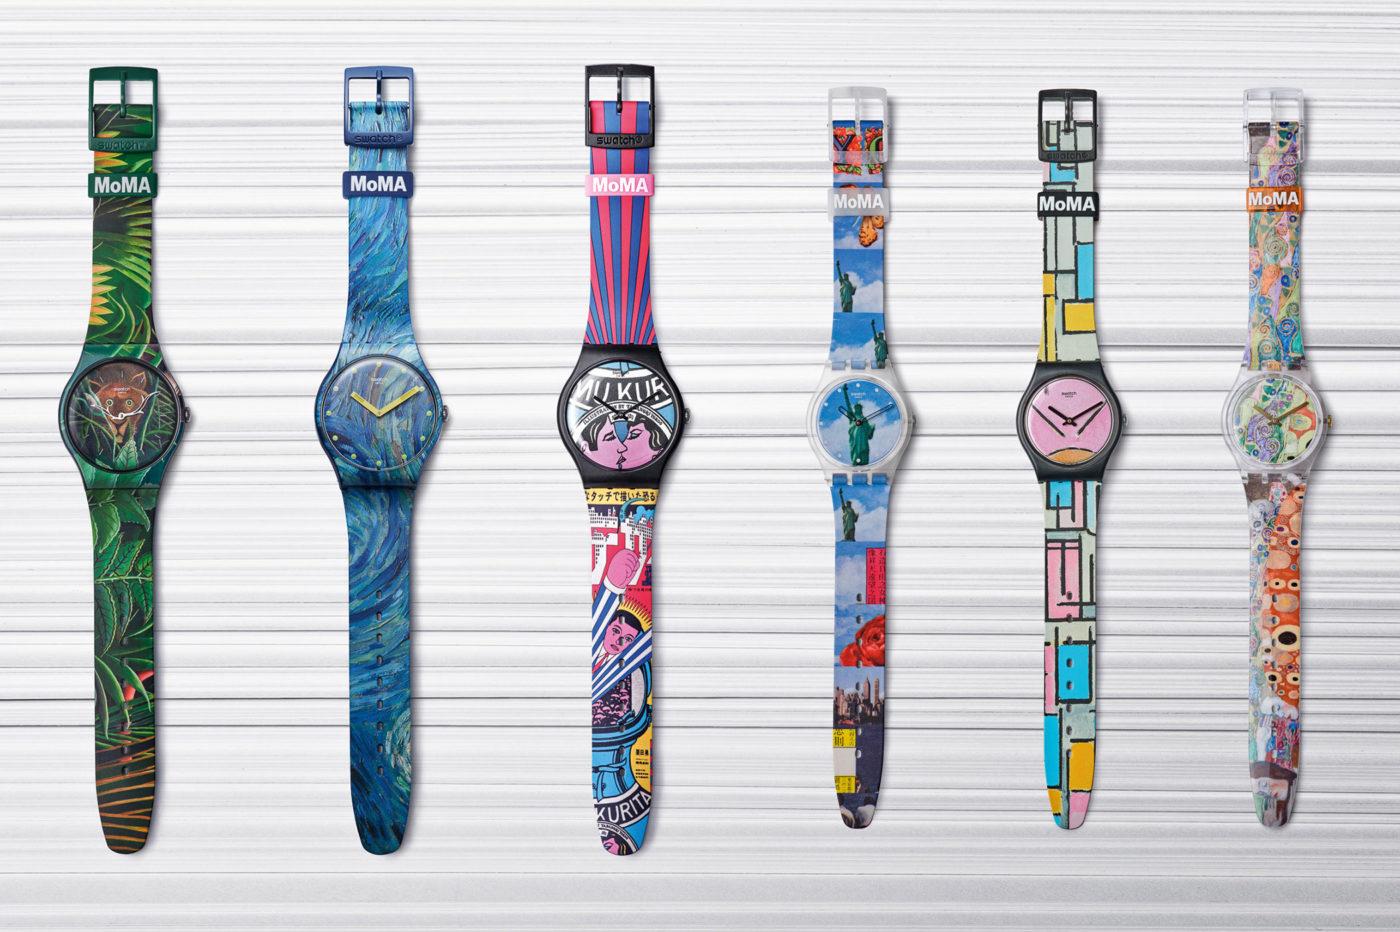 Swatch x MoMA – kolekcja zegarków inspirowana dziełami sztuki [dostępność cena]